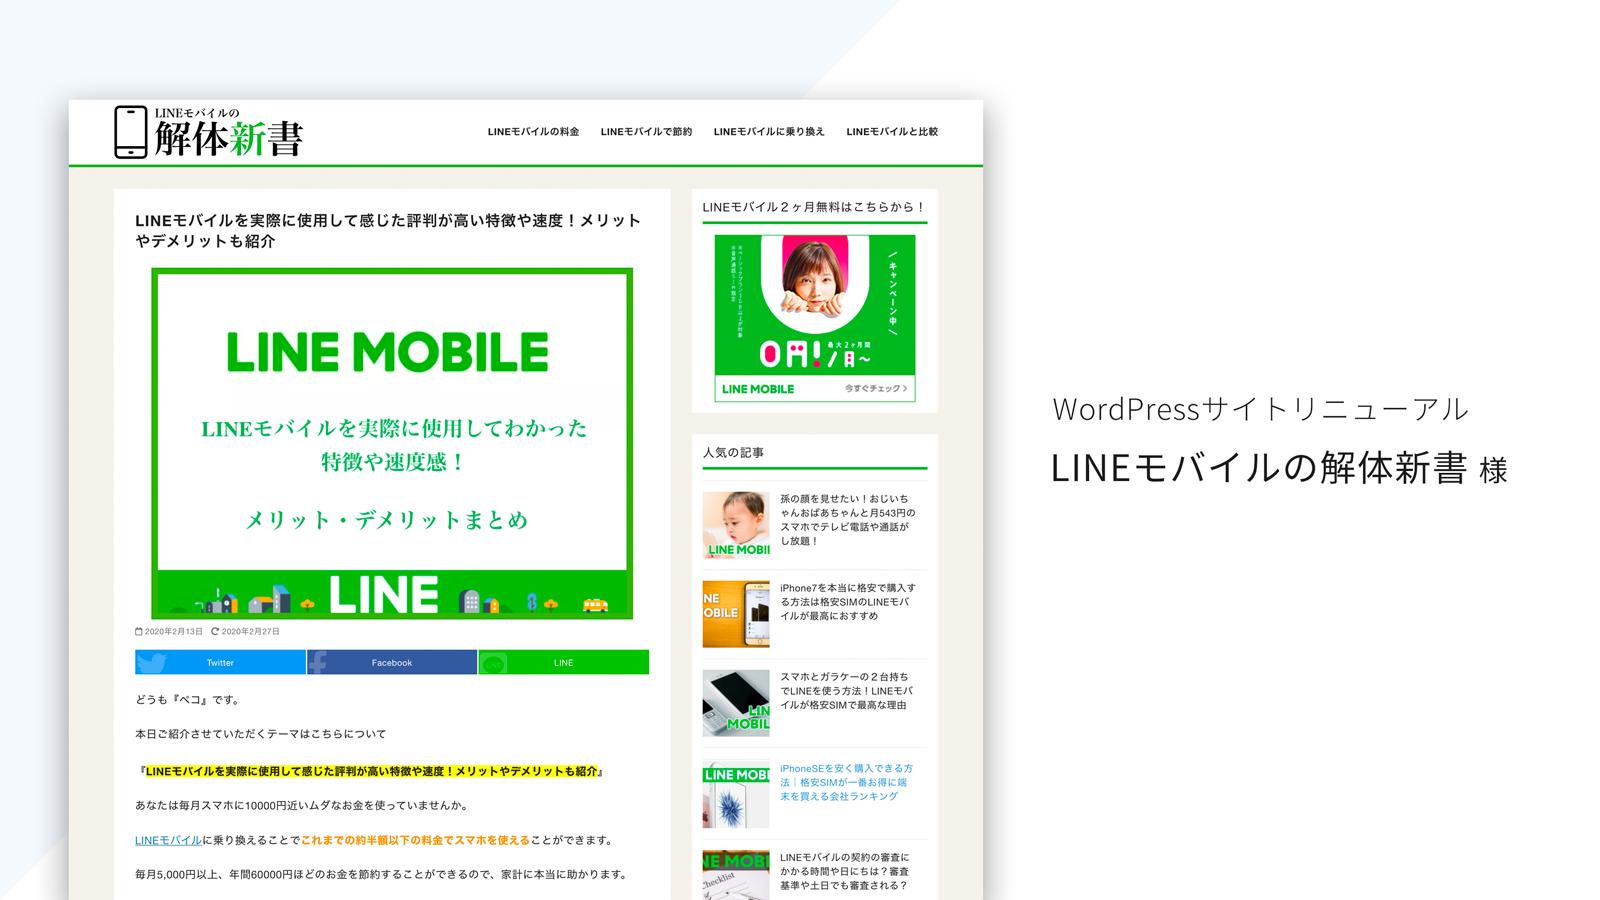 LINEモバイルの解体新書様WordPressサイトリニューアル